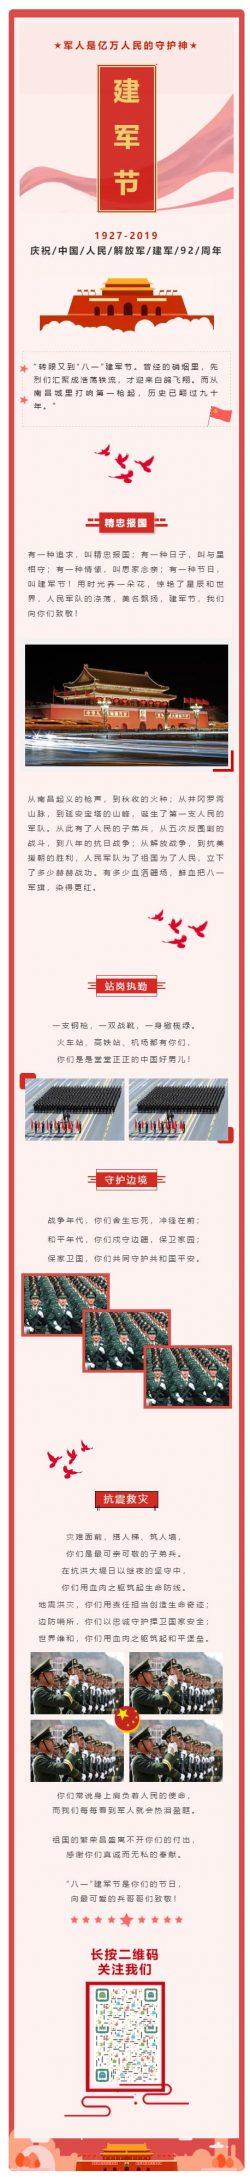 """""""八一""""建军节庆祝中国人民解放军建军92周年红色党政风格模板"""